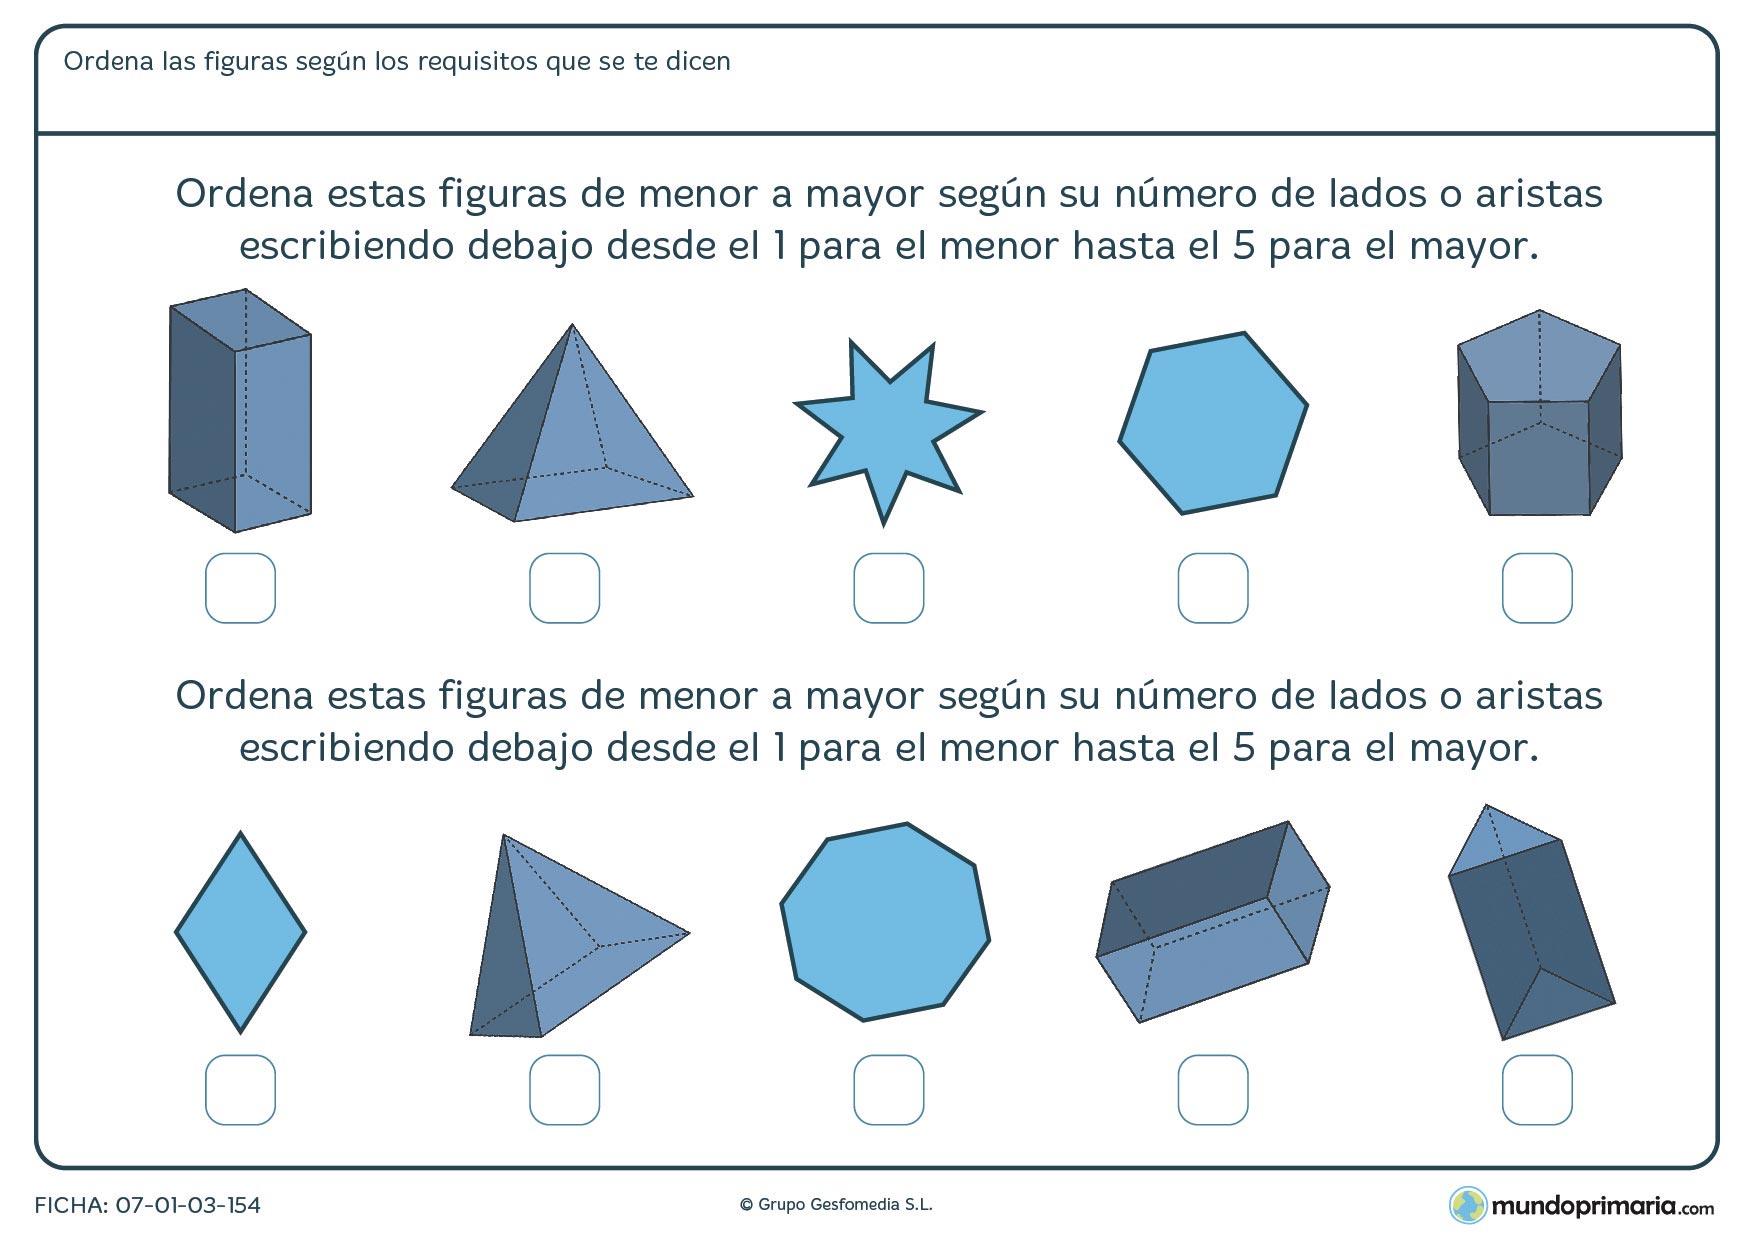 Ficha de aristas de figuras en la que deberás ordenar estas figuras geométricas de menor a mayor número de lados o aristas.